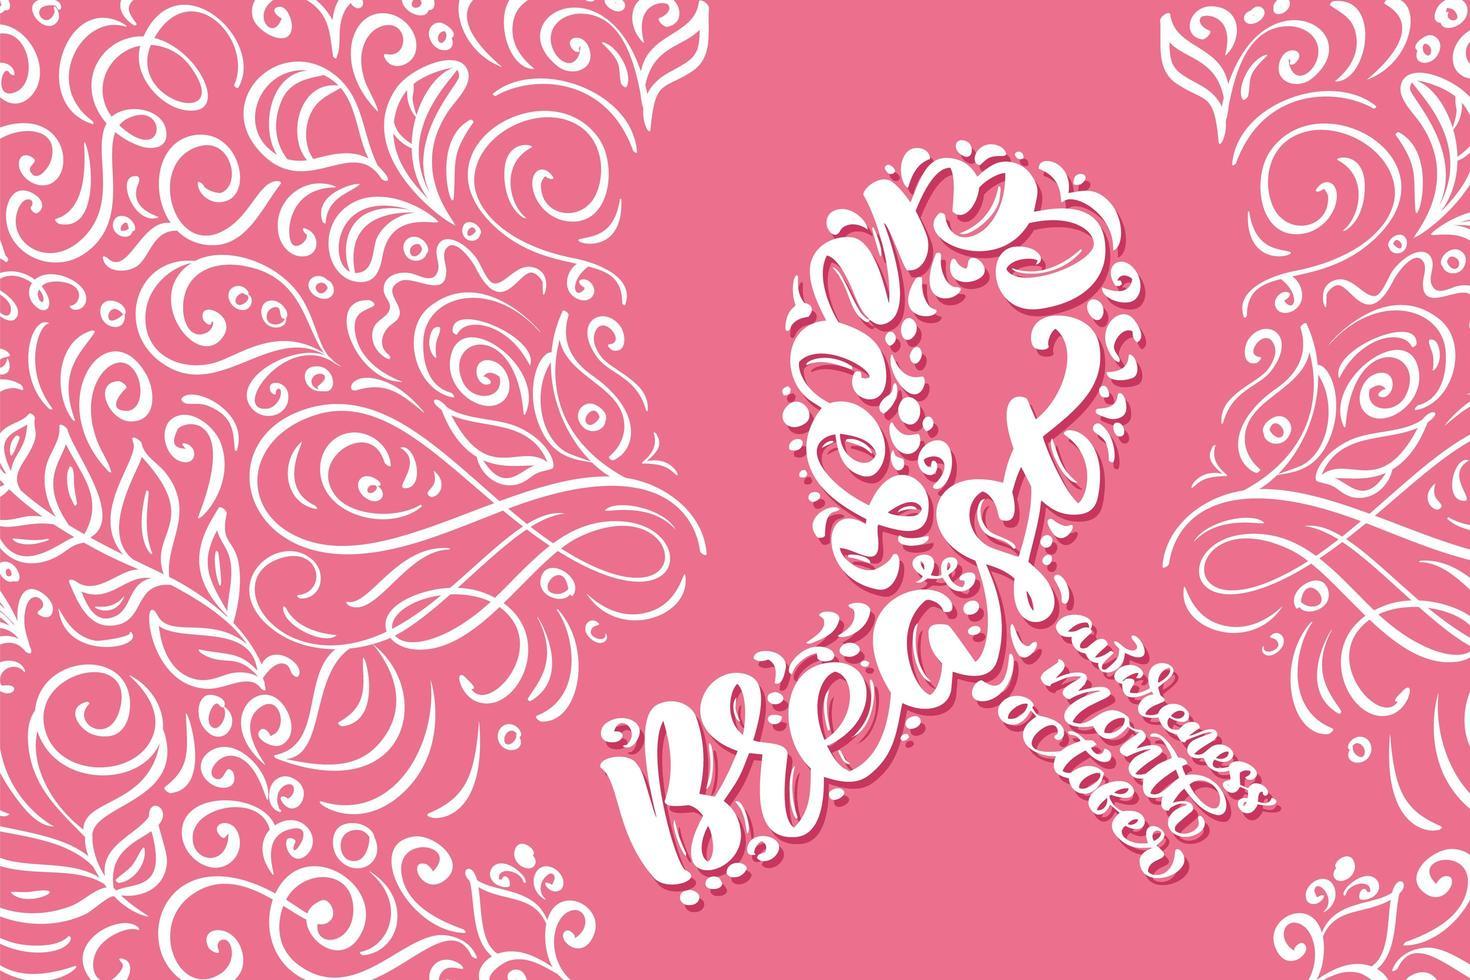 fita rosa estilizada com caligrafia de conscientização do câncer de mama vetor